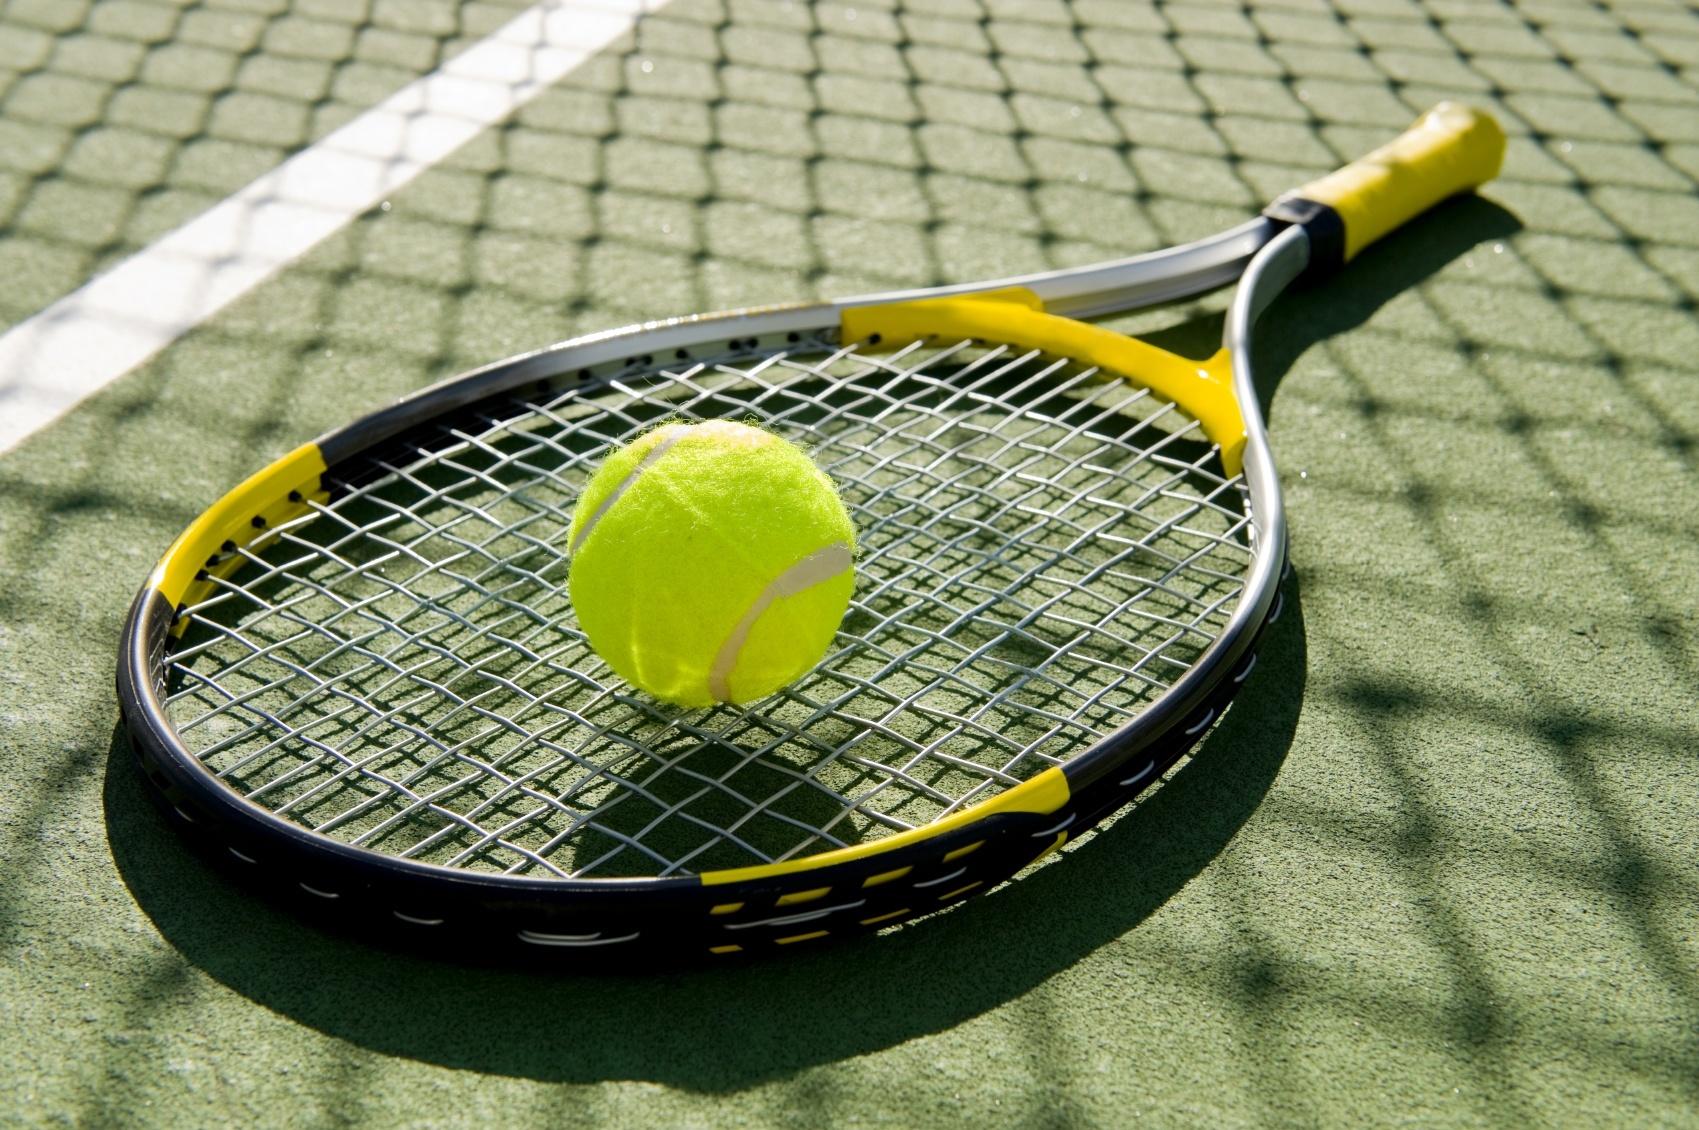 Македонскиот тенисер што се разбудил од кома   не постои